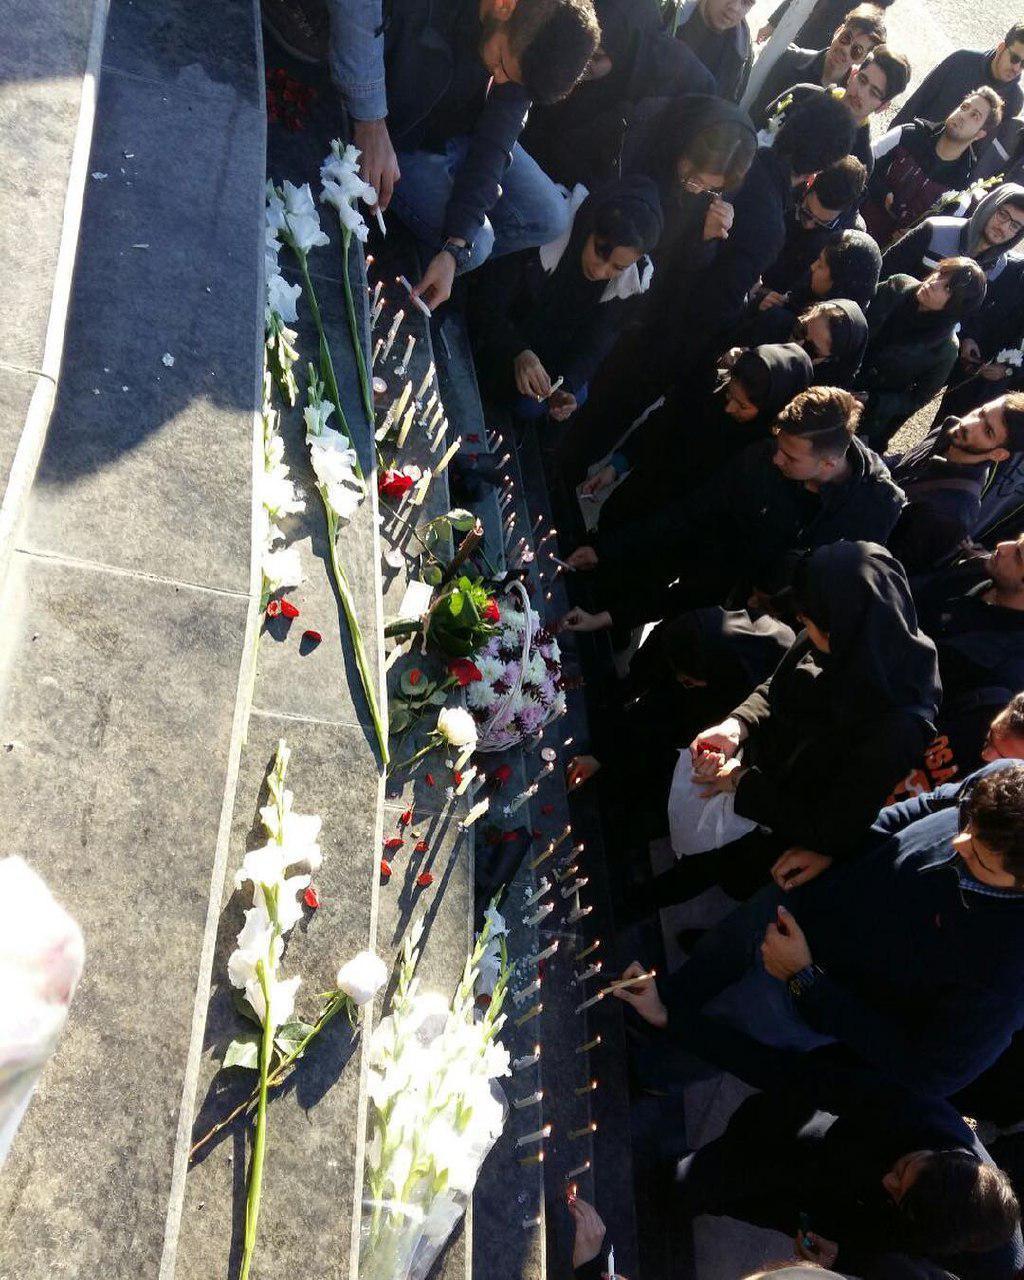 Risultati immagini per جمعی از دانشجویان علوم تحقیقات صبح امروز با روشن کردن شمع جلوی درب این دانشگاه با خانوادههای قربانیان این حادثه ابراز همدردی کردند